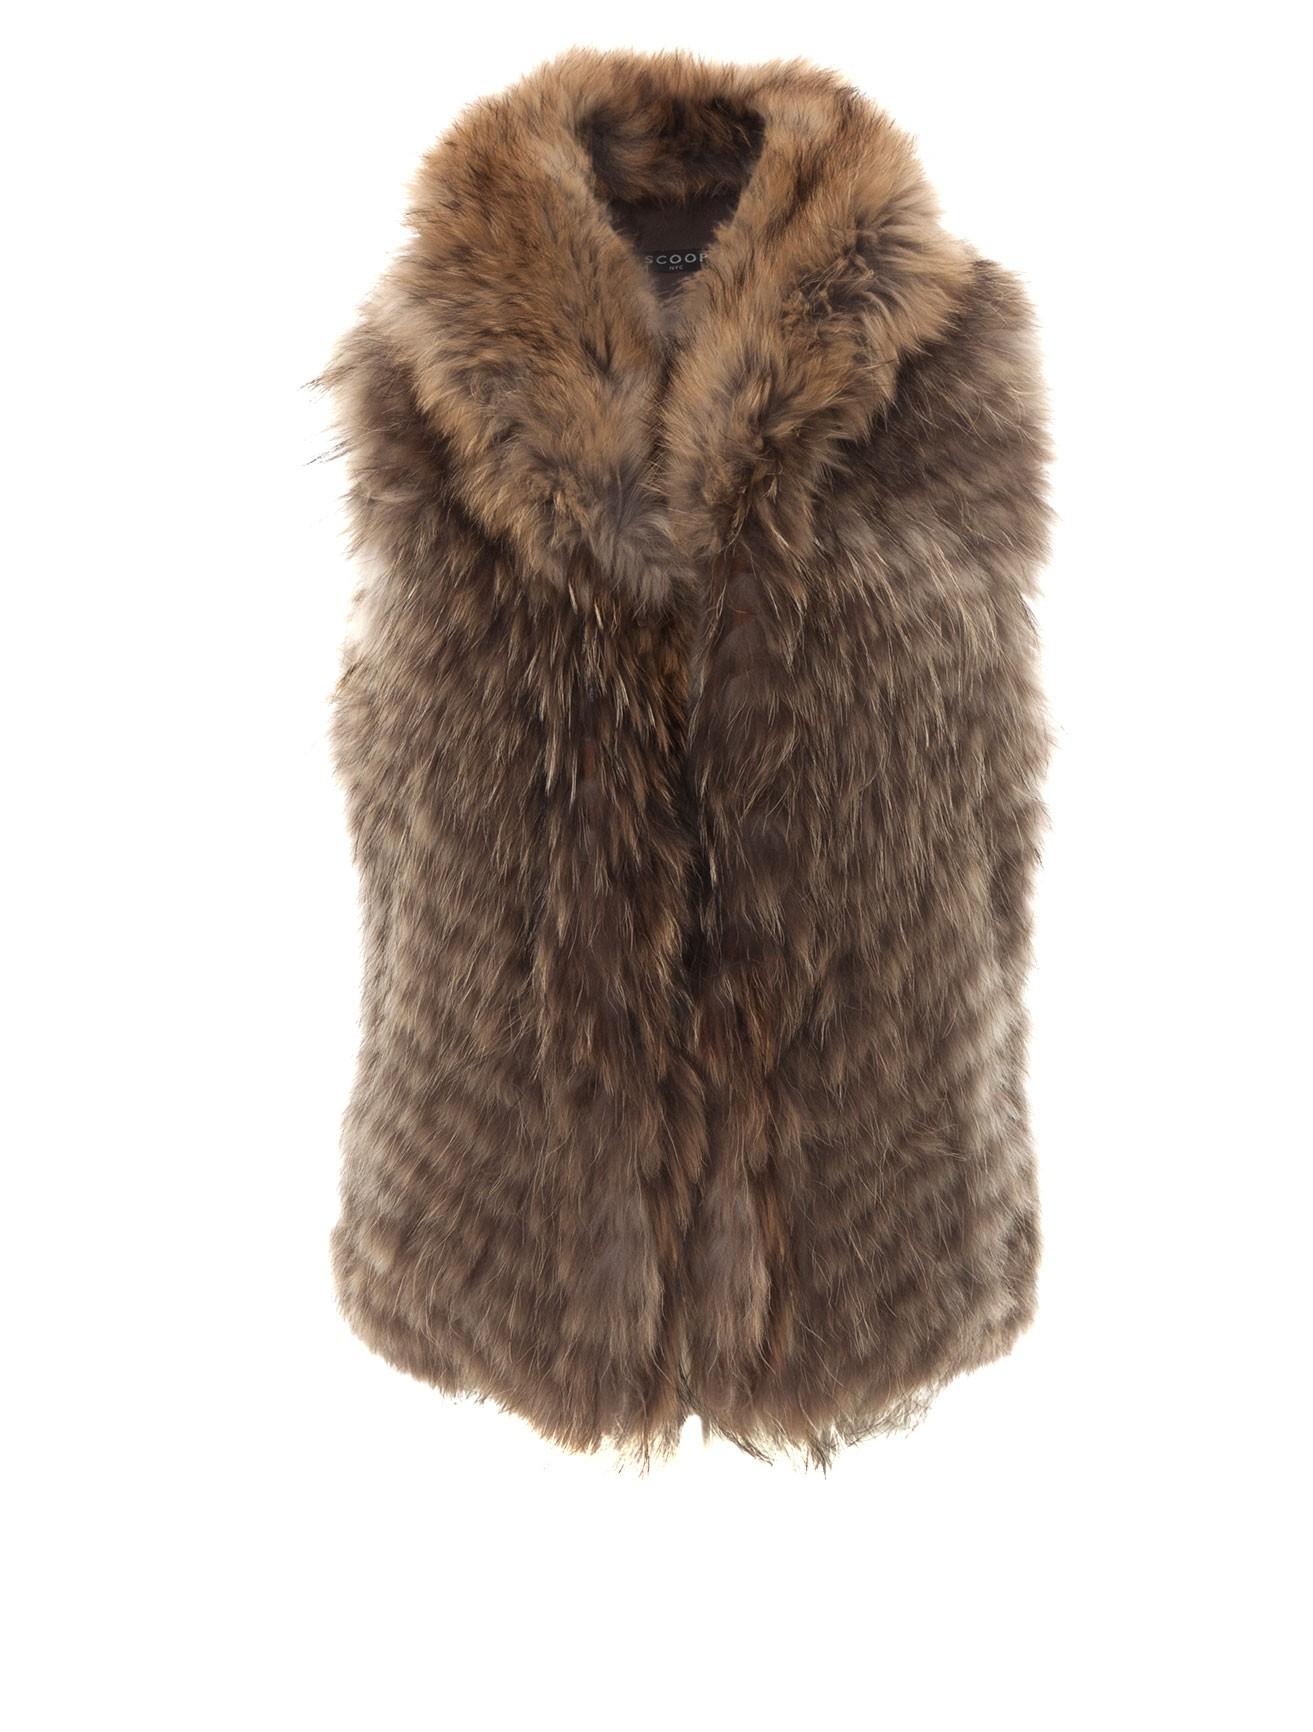 Scoop Brown Raccoon Fur Vest